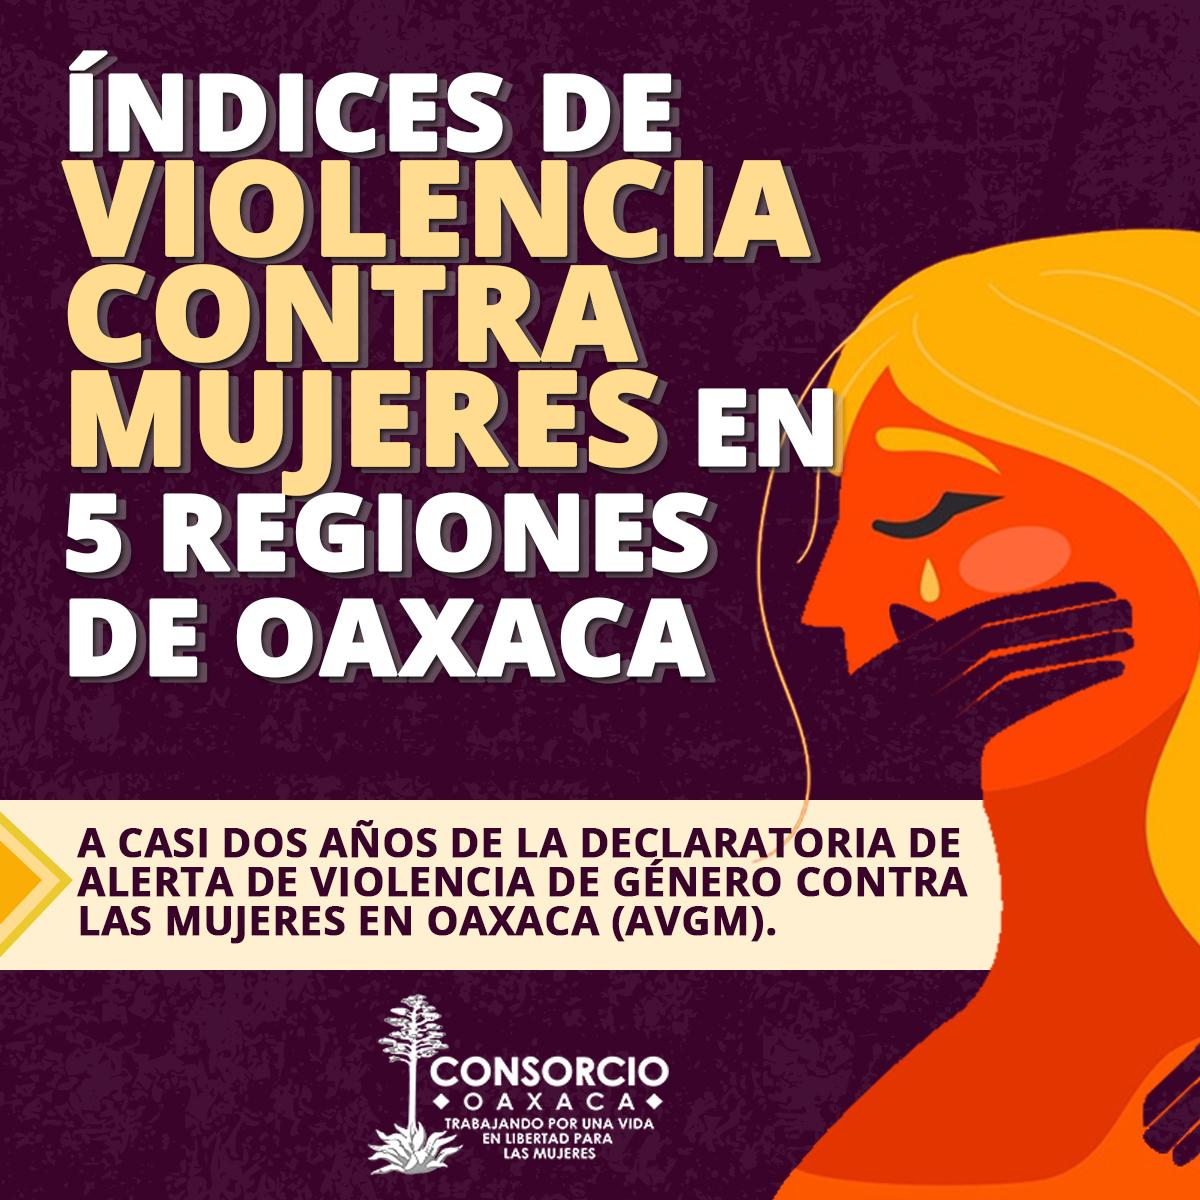 Índices de violencia contra mujeres en 5 regiones de Oaxaca